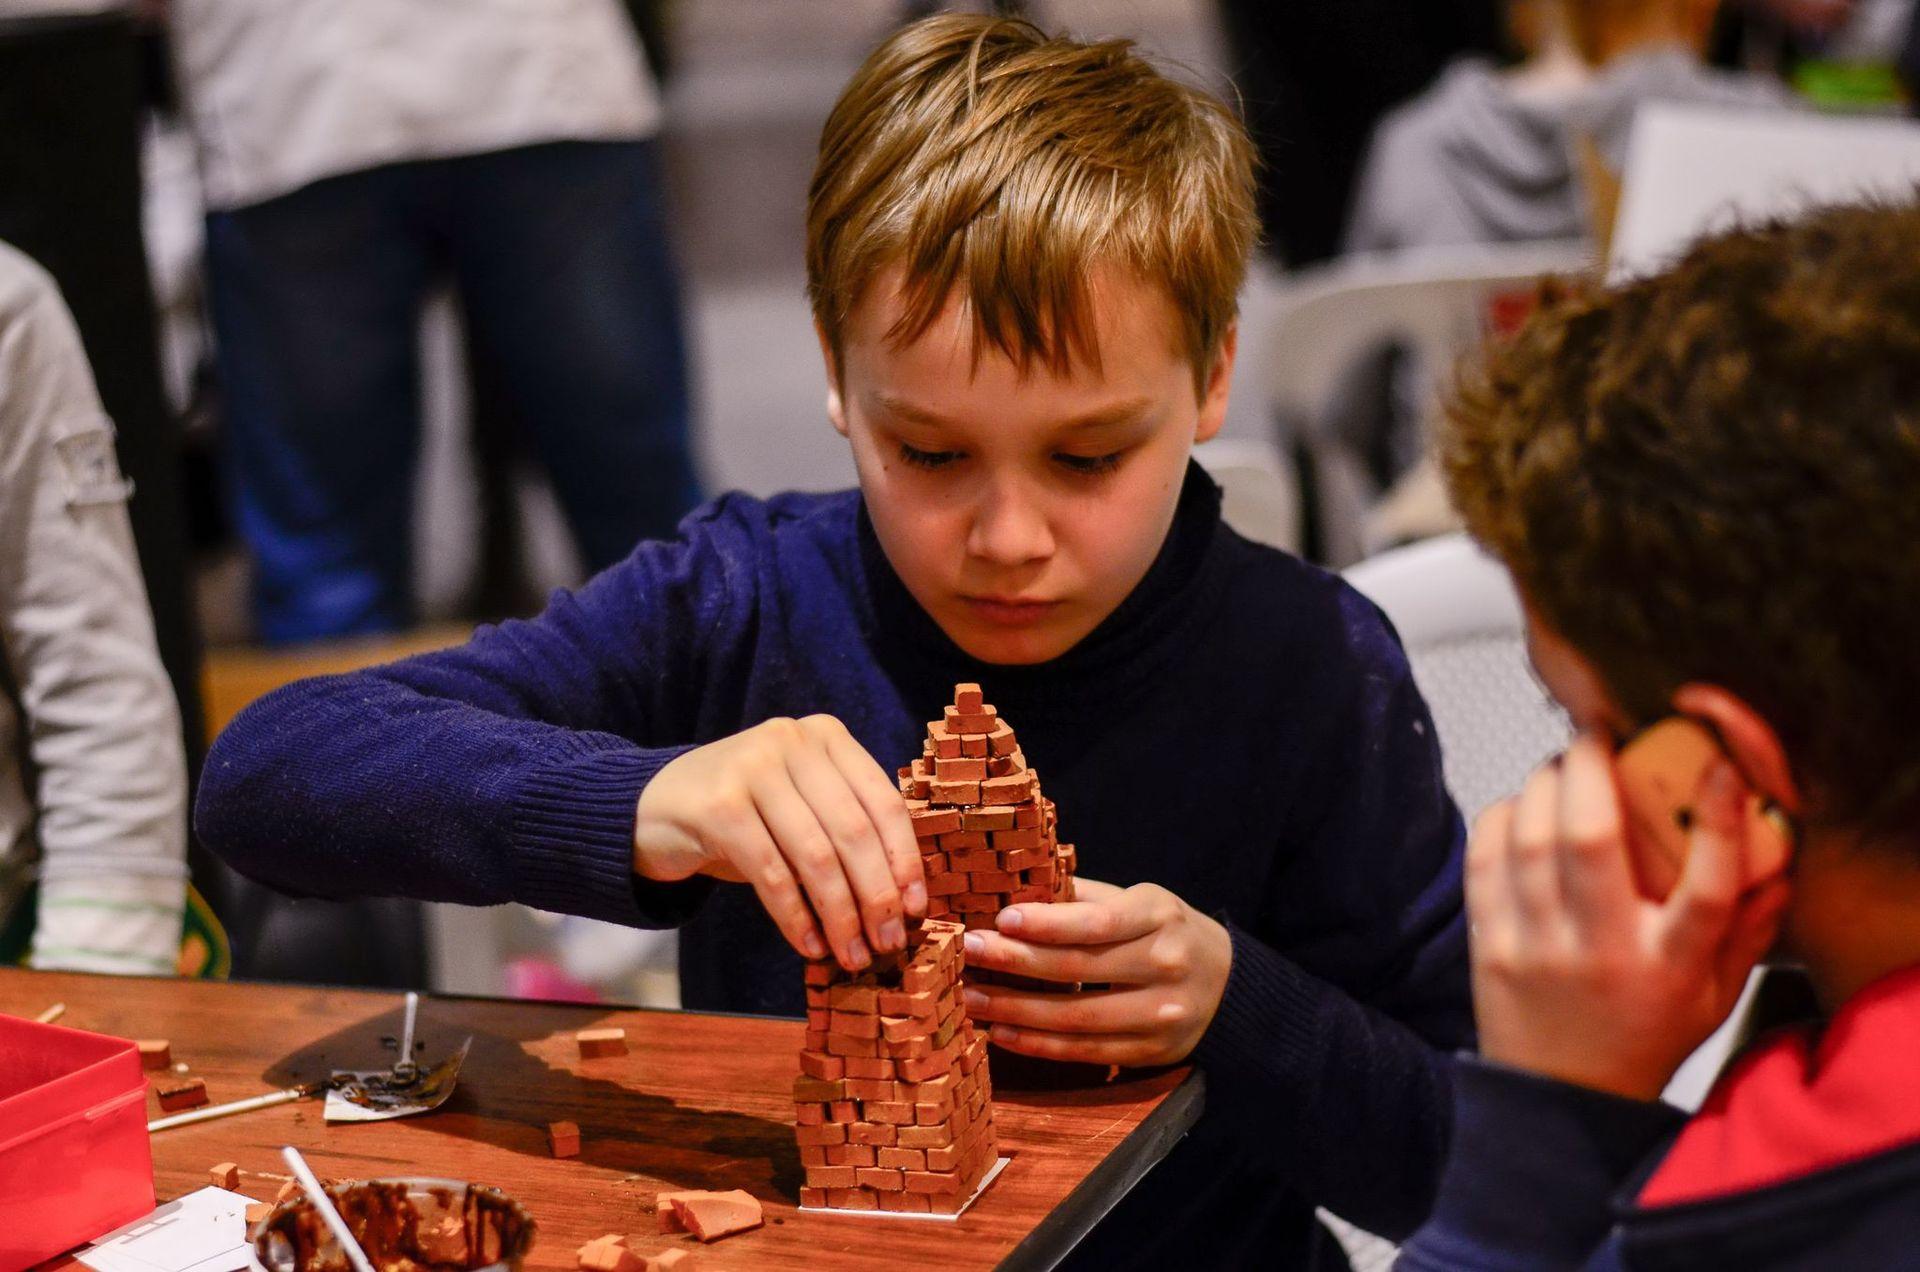 Фестиваль Город Технотворчества 2016, или как привлечь детей к технике - 18